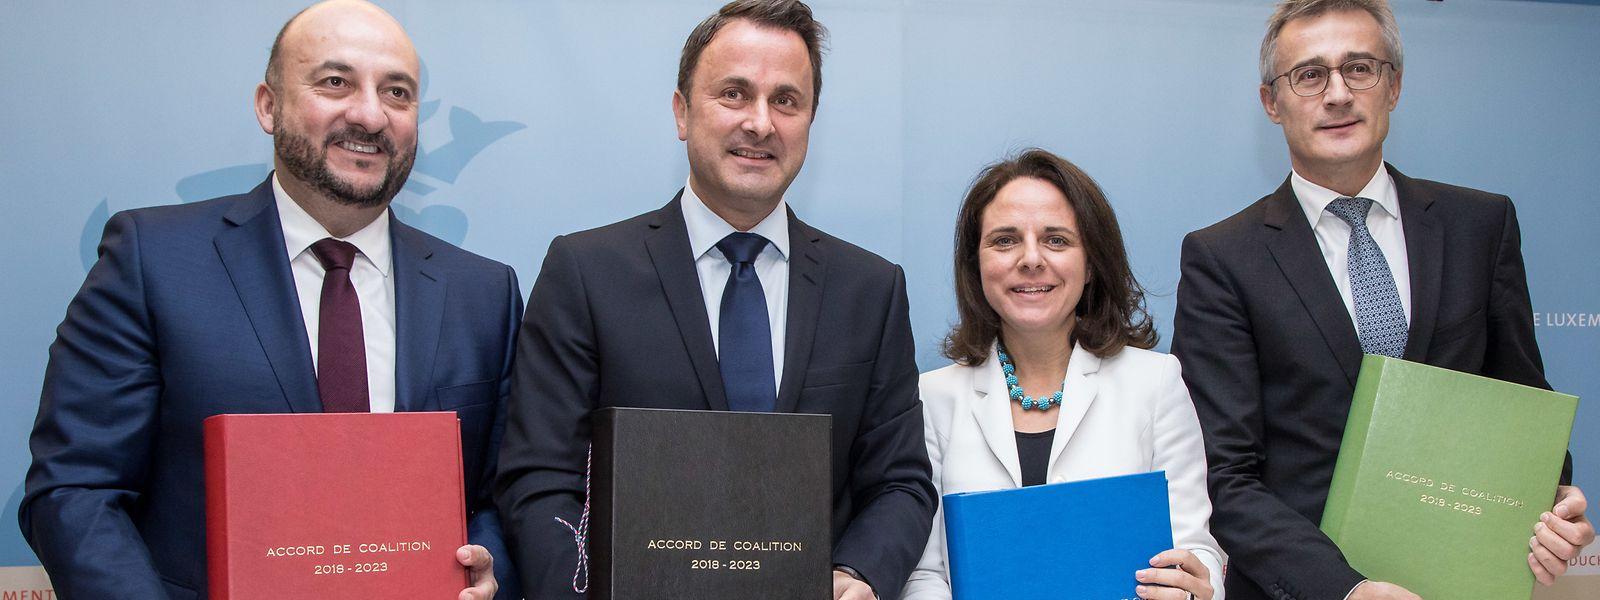 Etienne Schneider (LSAP), Xavier Bettel (DP), Corinne Cahen (DP) et Felix Braz (Verts)